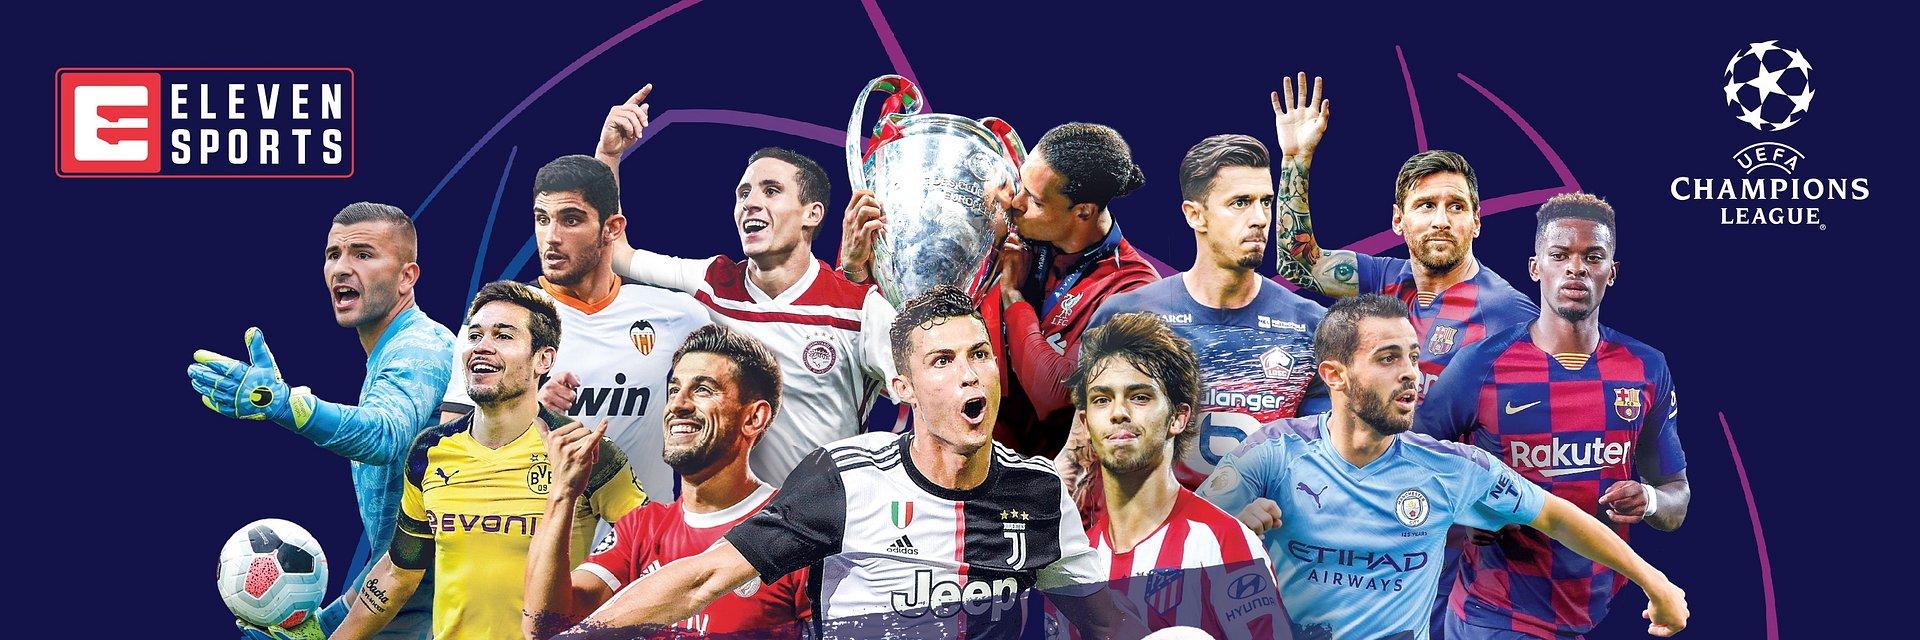 Eleven Sports transforma Lisboa em palco privilegiado da Liga dos Campeões